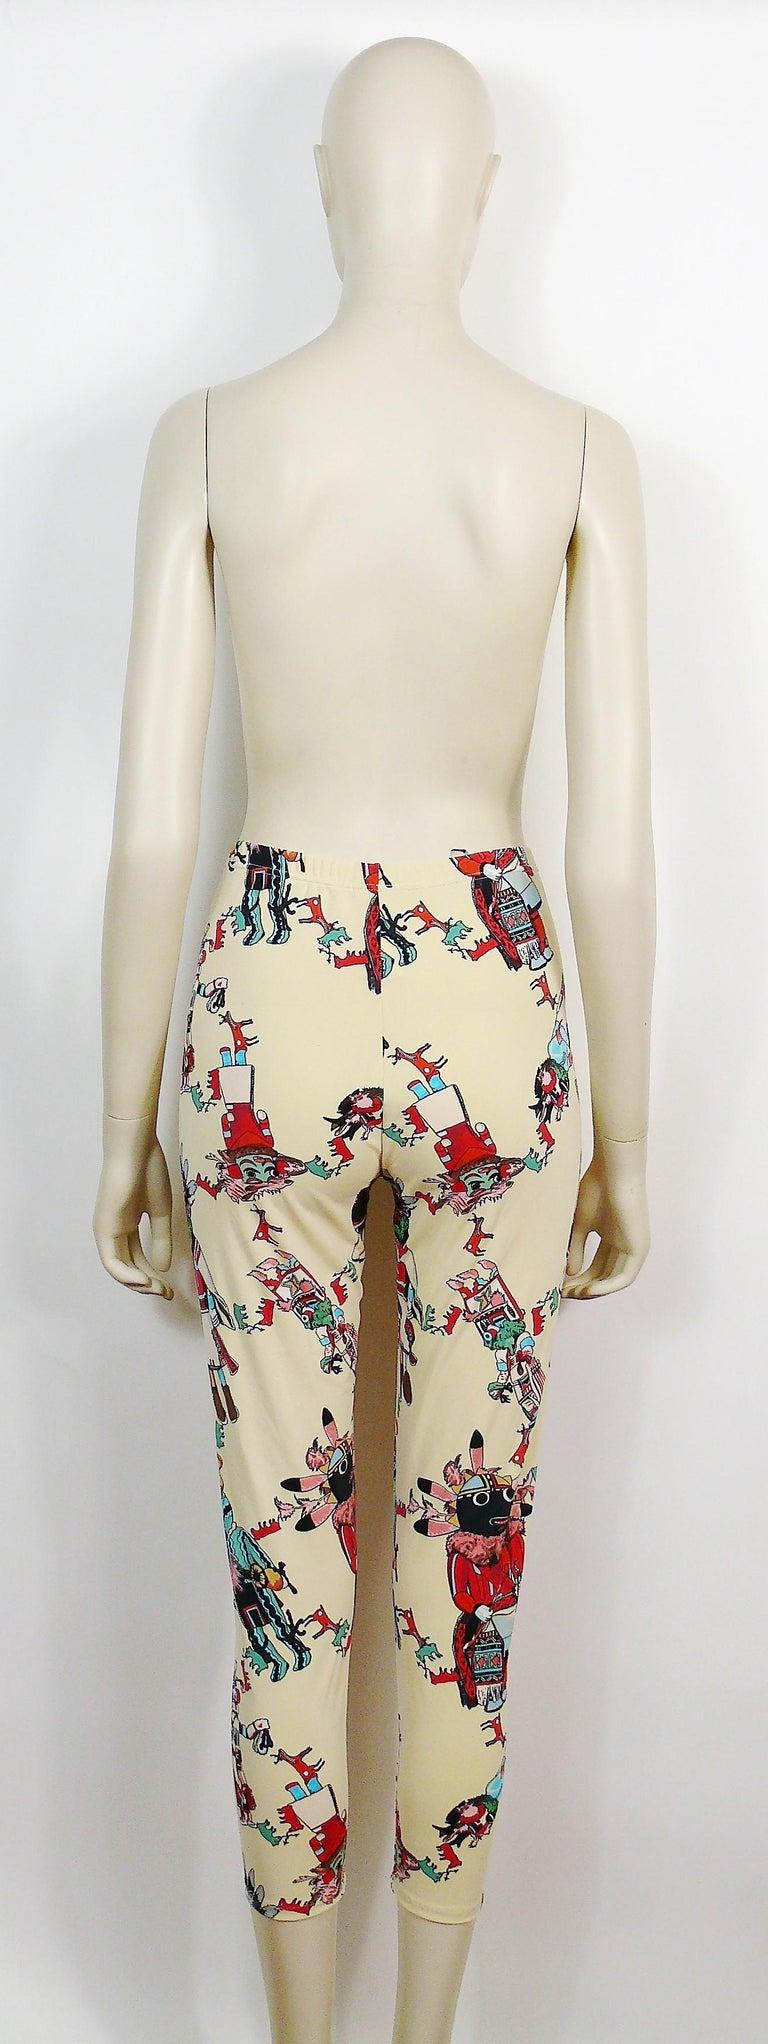 Hermes Vintage Kachina Legging  For Sale 3